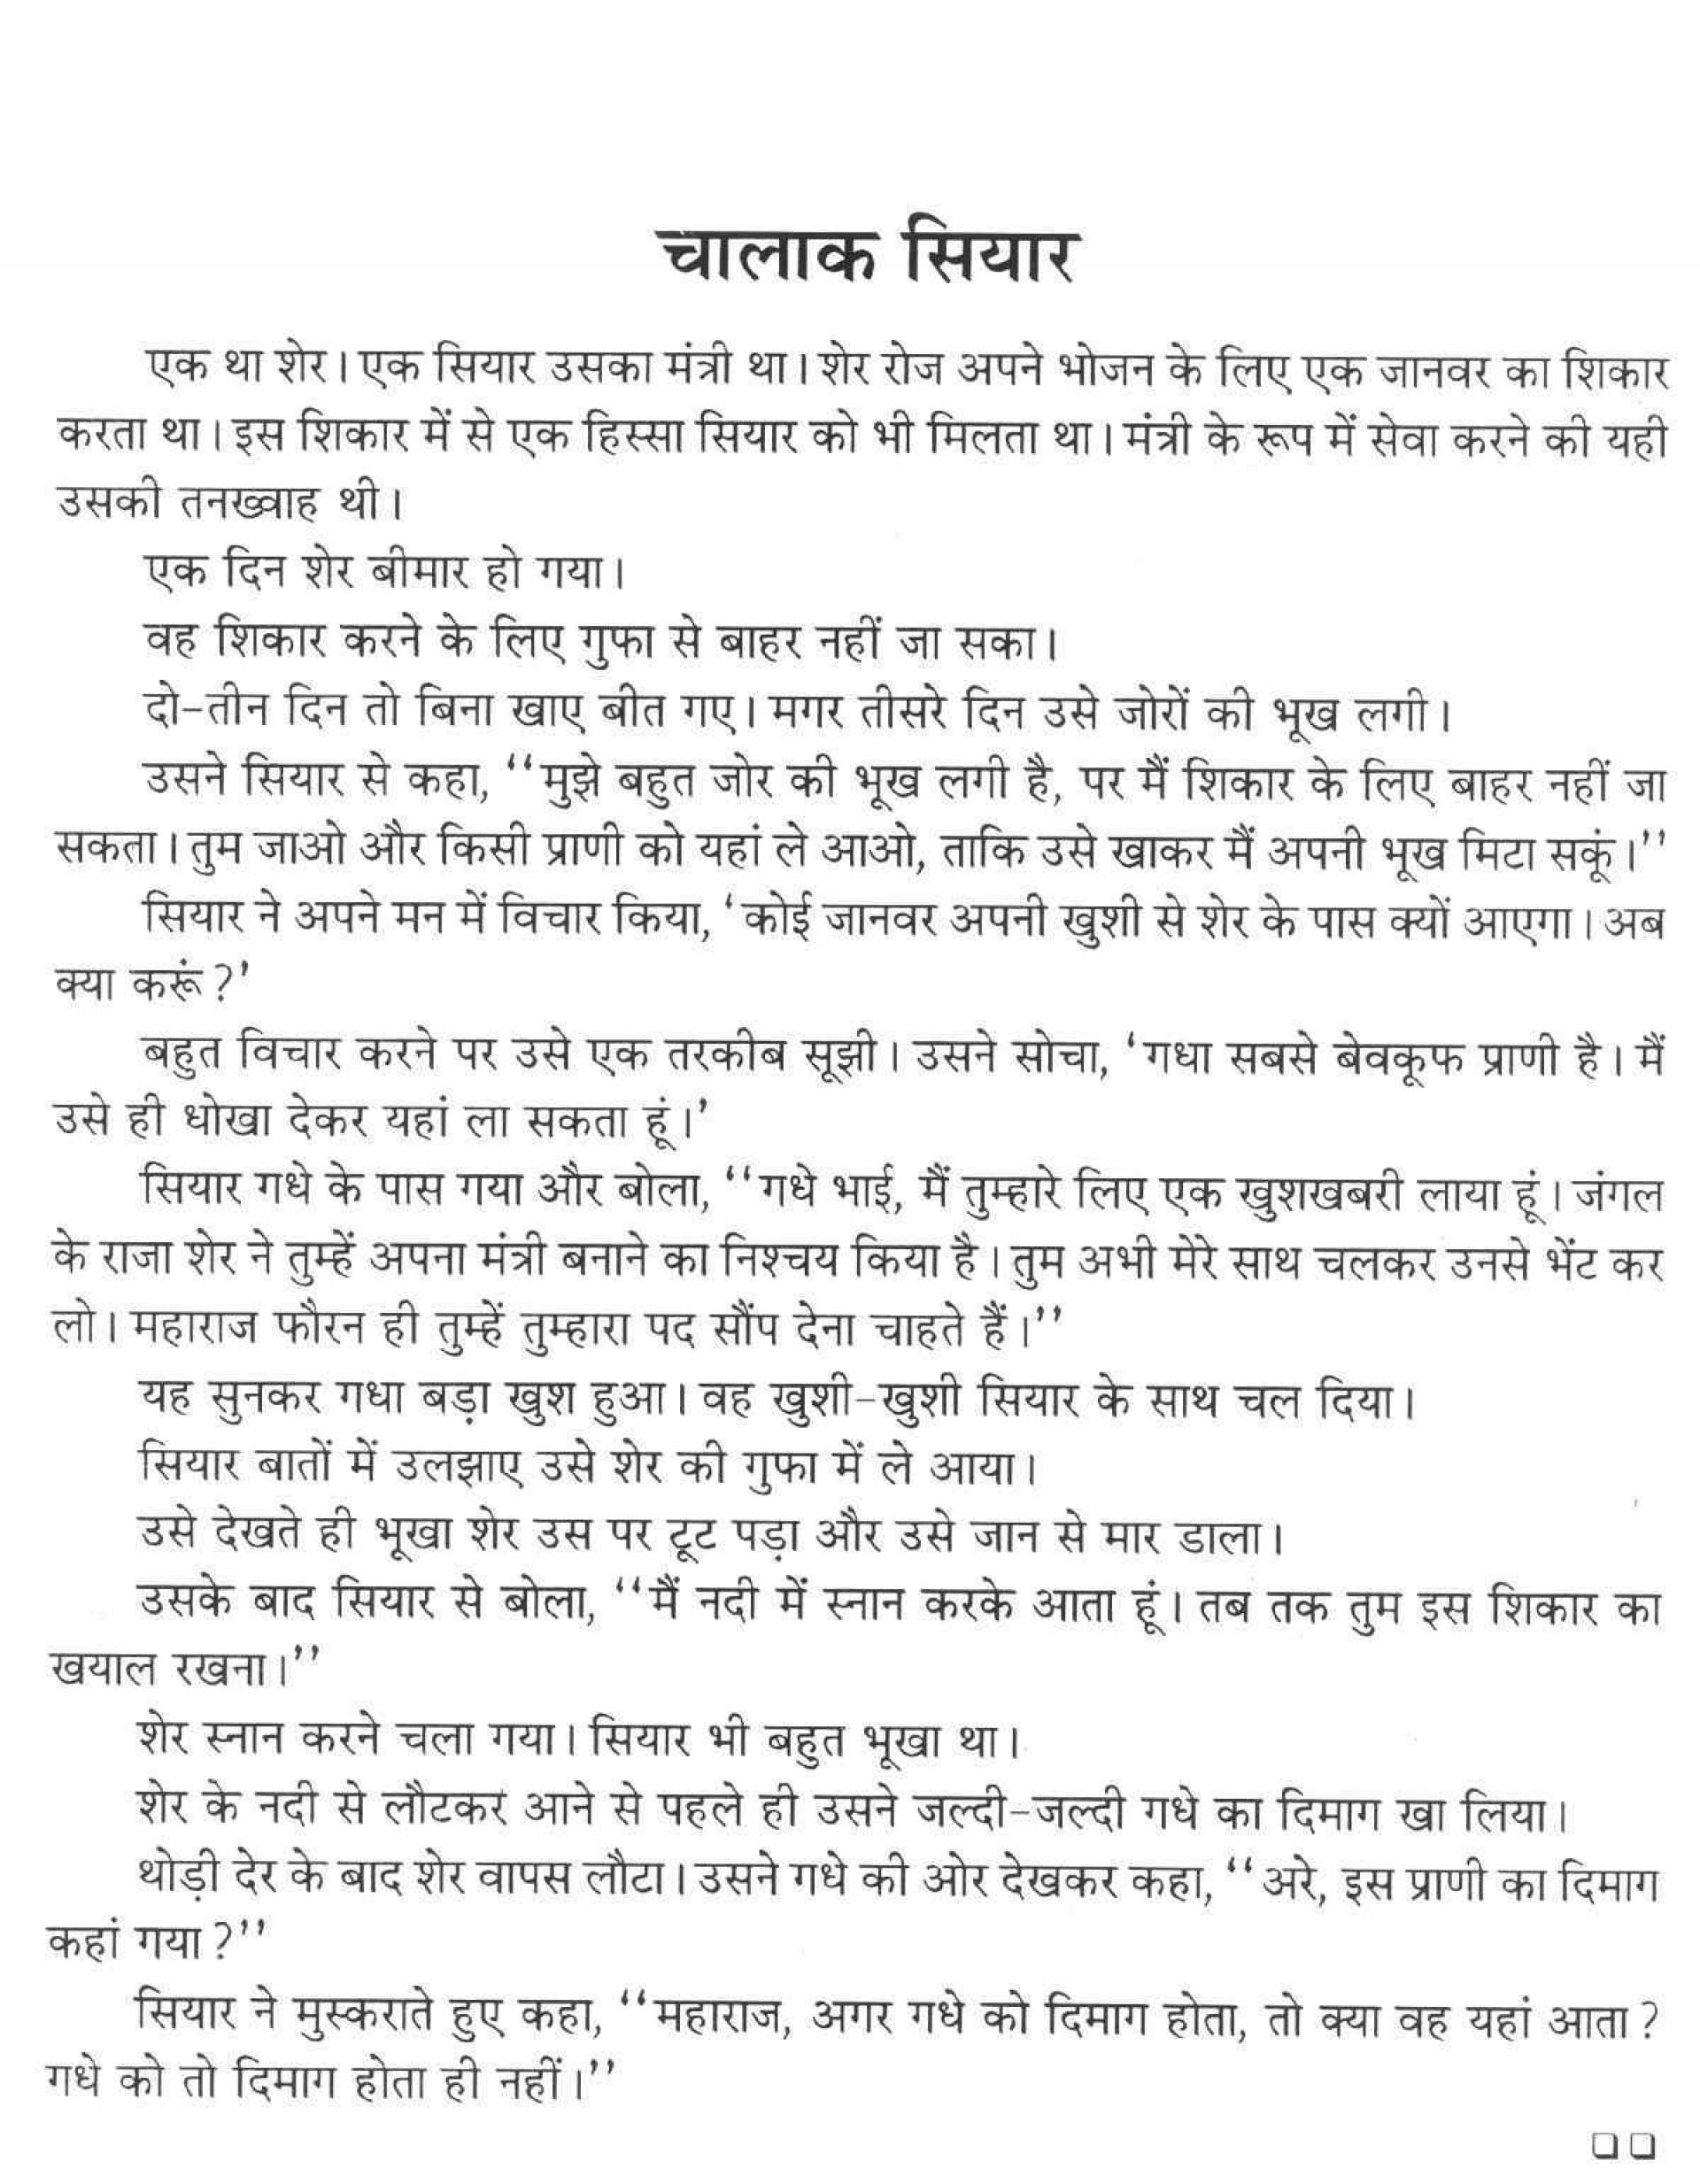 005 Essay Example Save Water Wikipedia How Thumb Earth In Marathi Small On Hindi English Awful Life Tamil Gujarati 1920